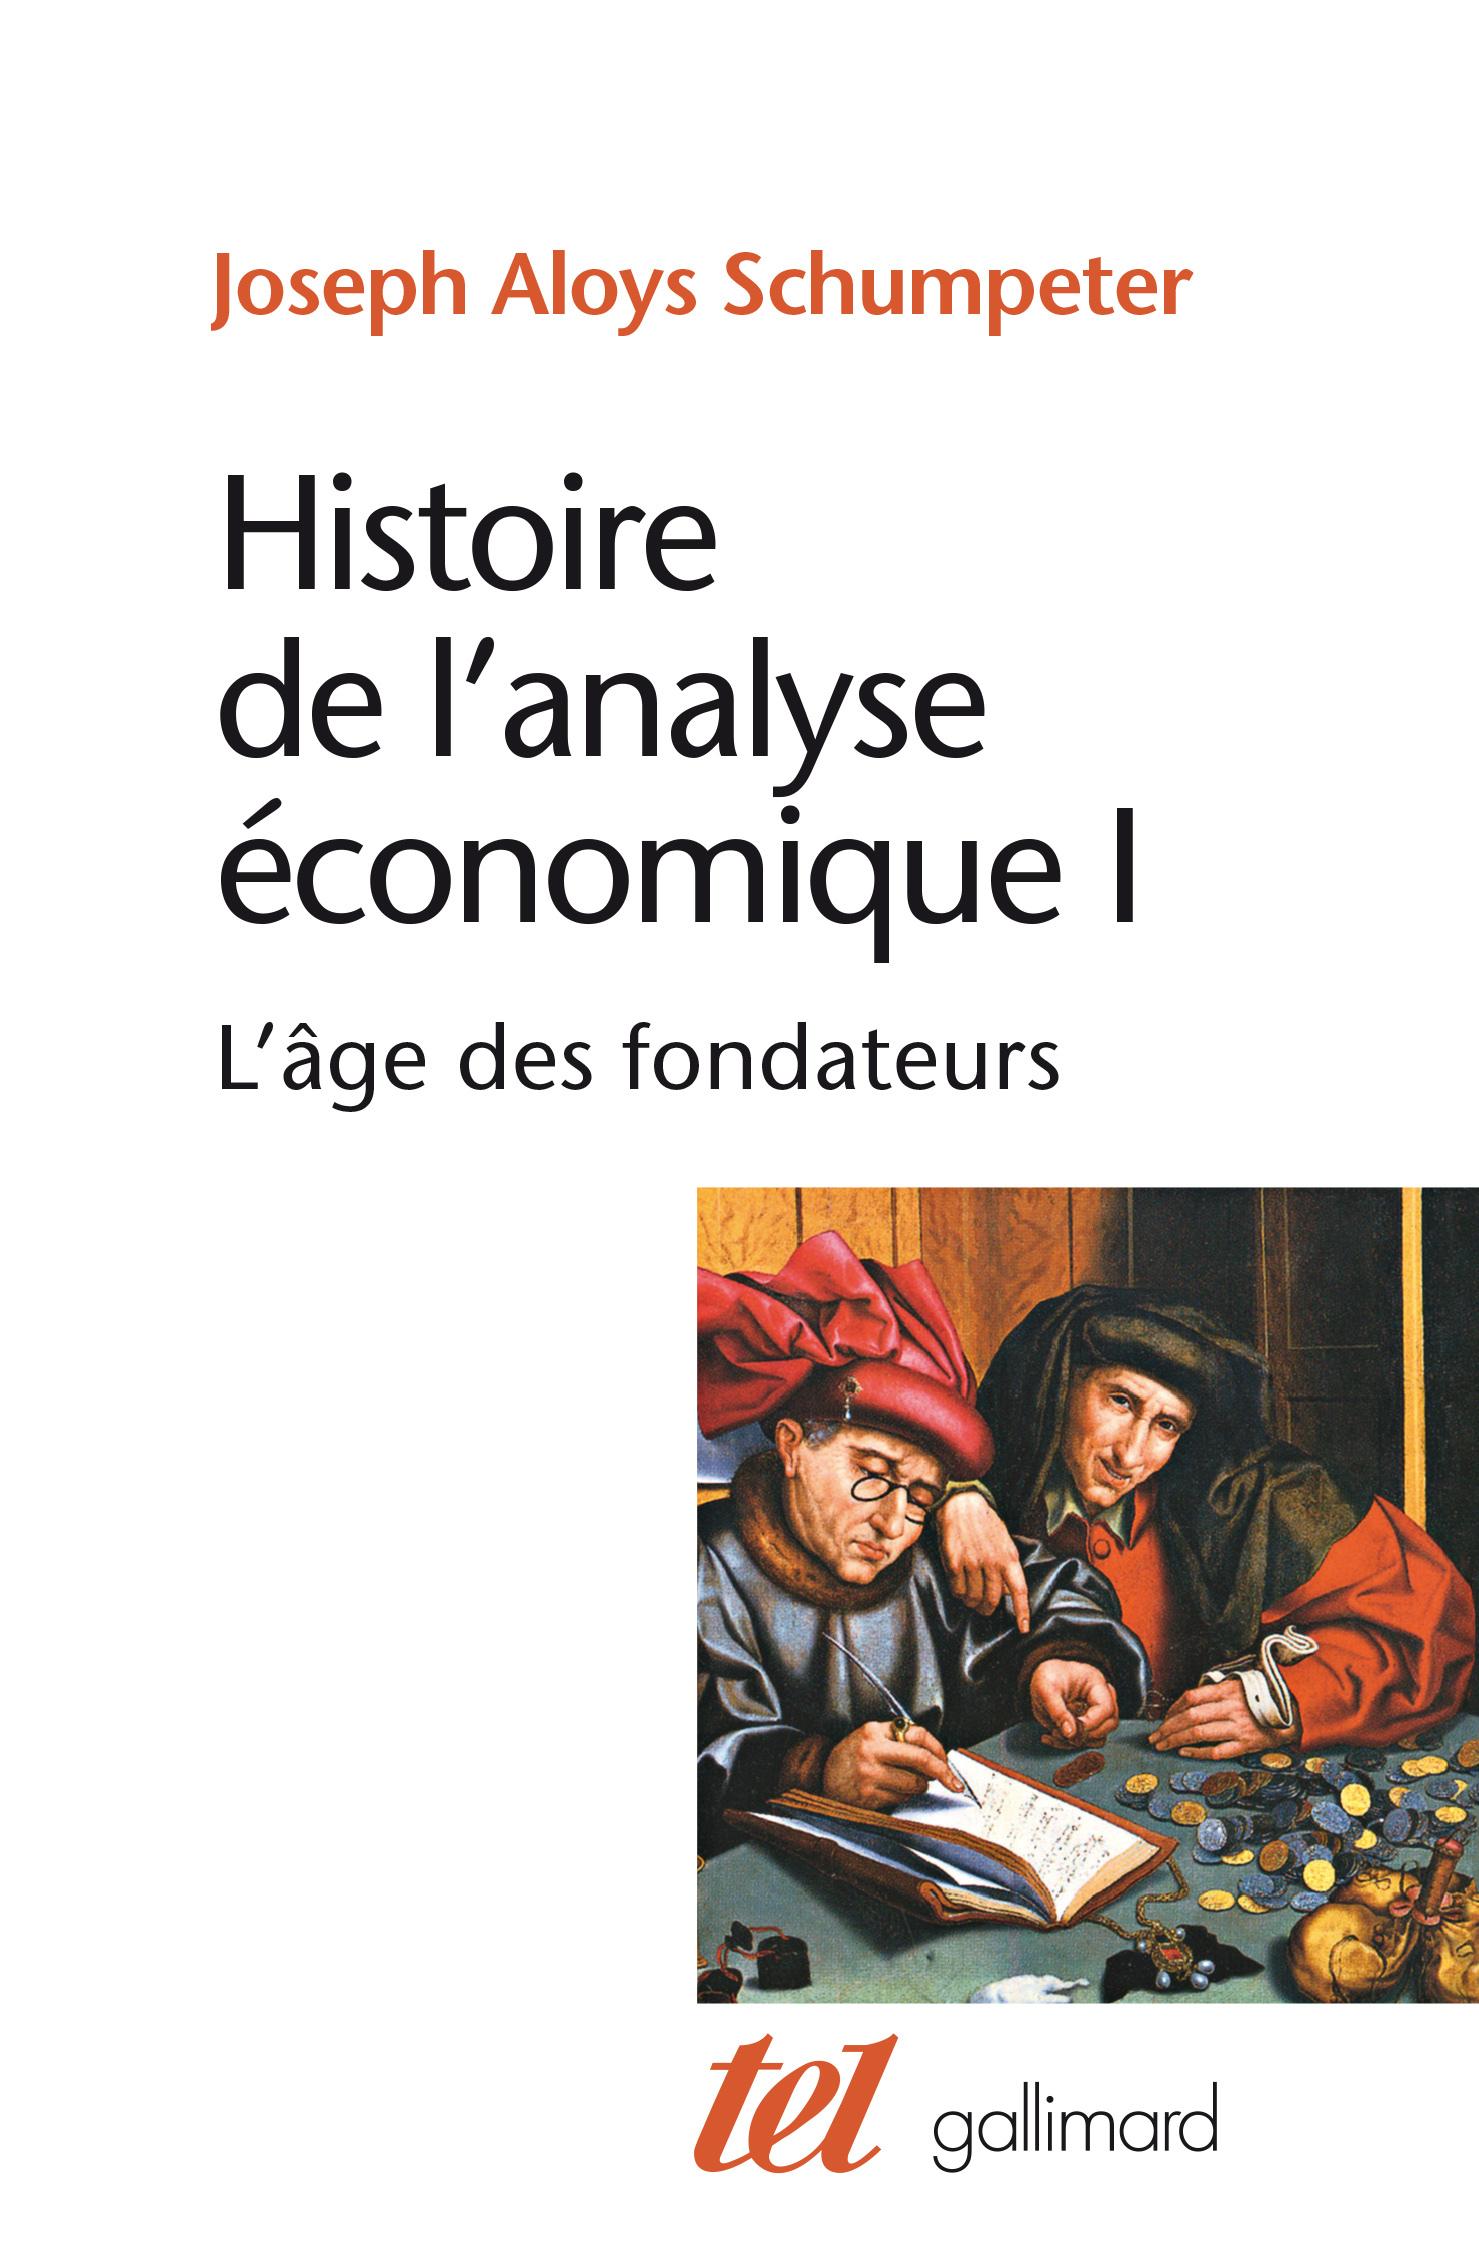 HISTOIRE DE L'ANALYSE ECONOMIQUE - L'AGE DES FONDATEURS (DES ORIGINES A 1790)